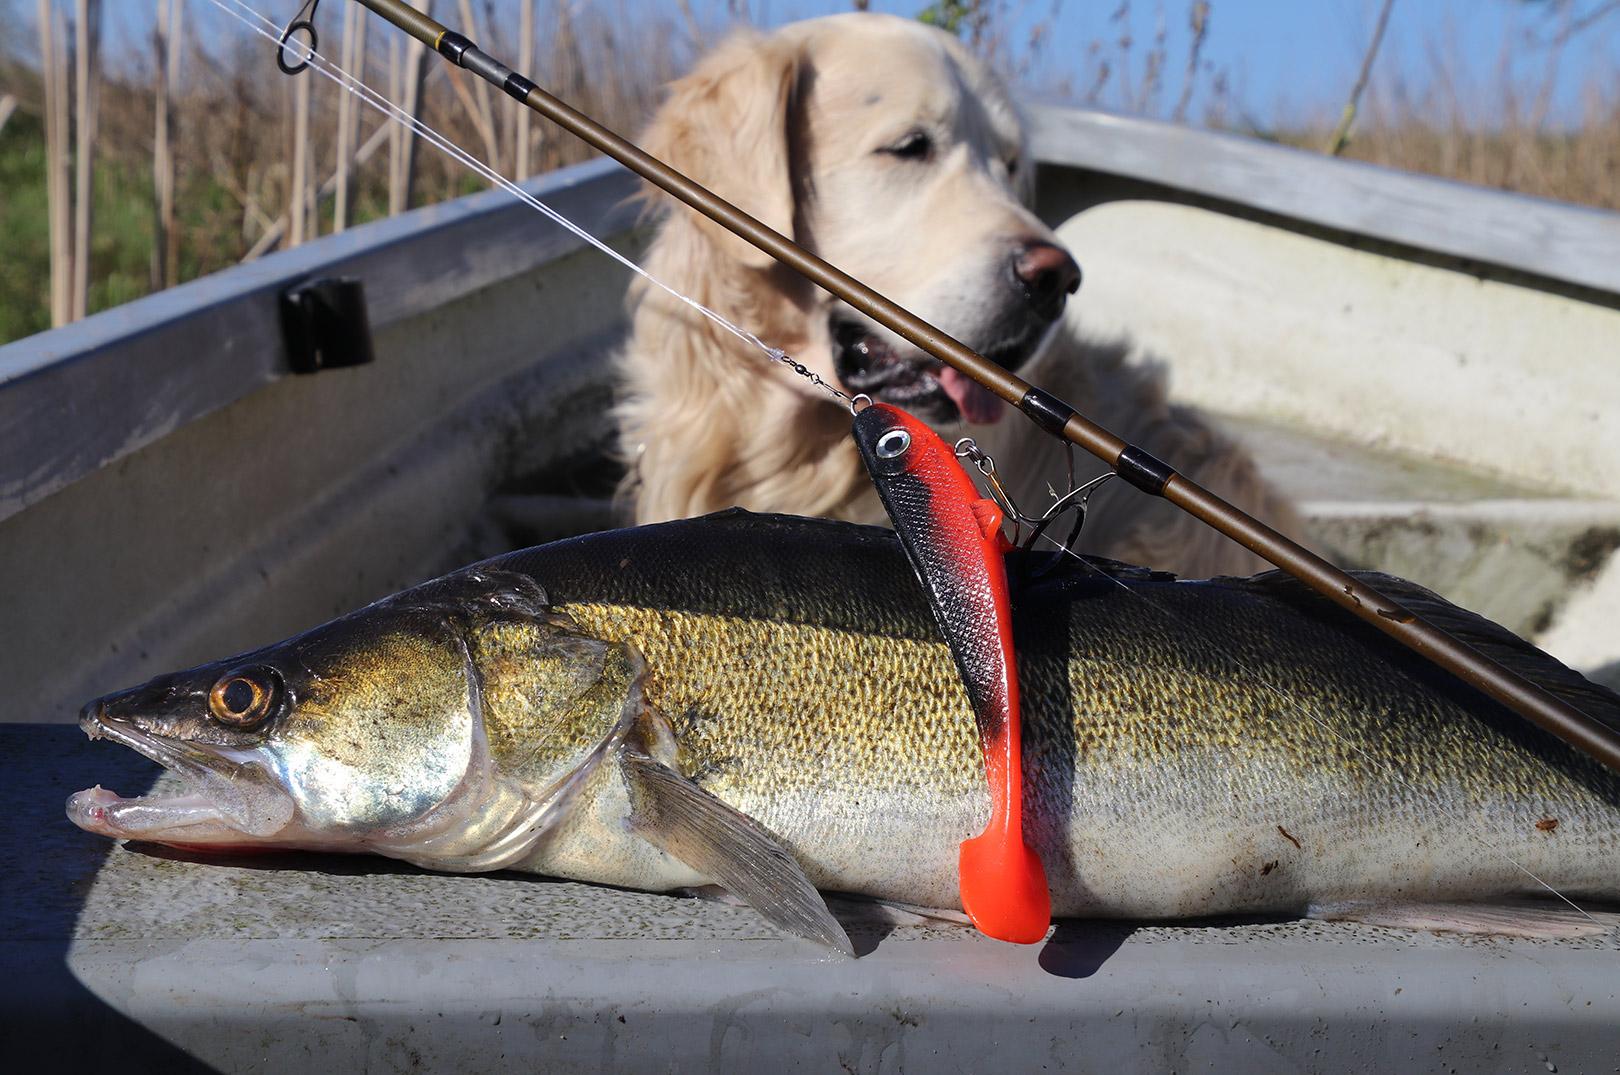 Buller er også helt vild med at fiske efter sandart fra båd.